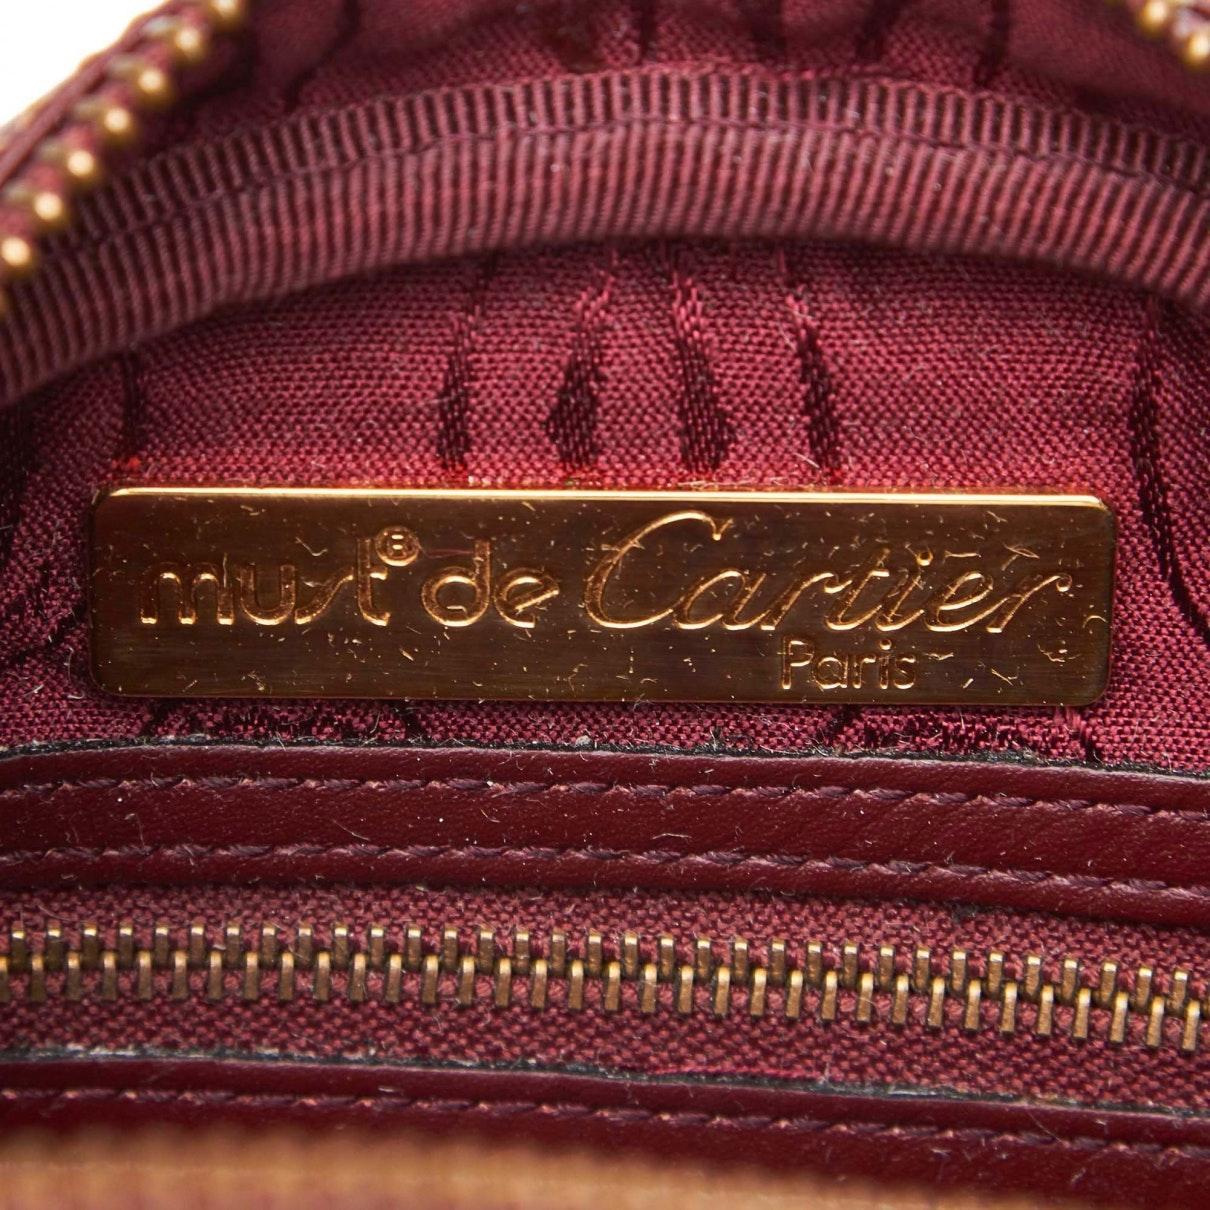 Sacs à main C Cuir Cartier en coloris Rouge kaUb